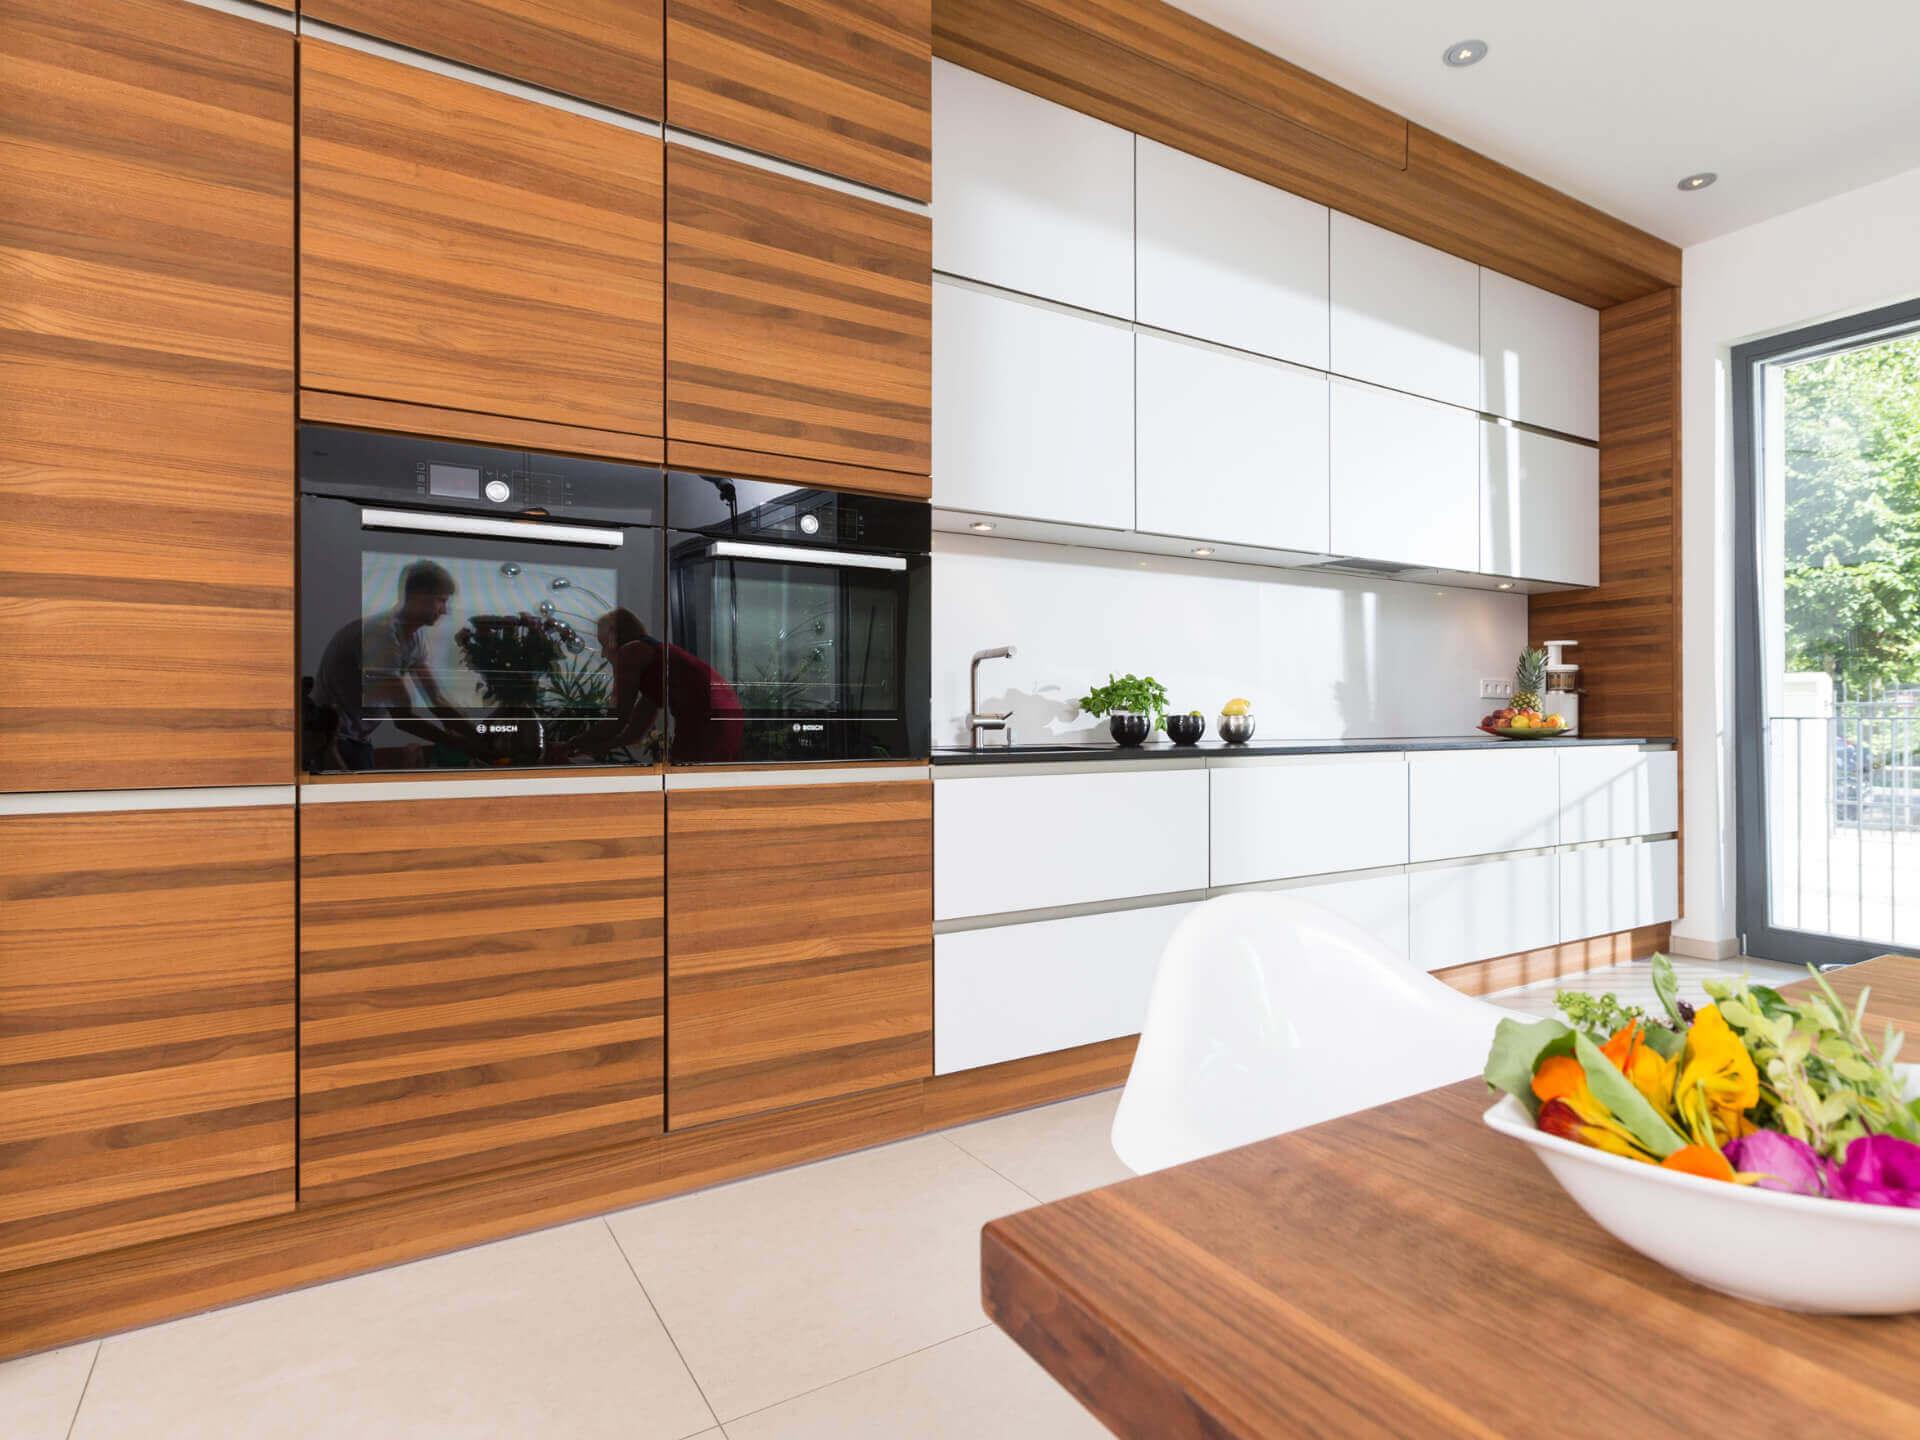 Full Size of Ausstattung Fr Ihre Kche Ratiomat Küchen Regal Sofa Alternatives Wohnzimmer Alternative Küchen